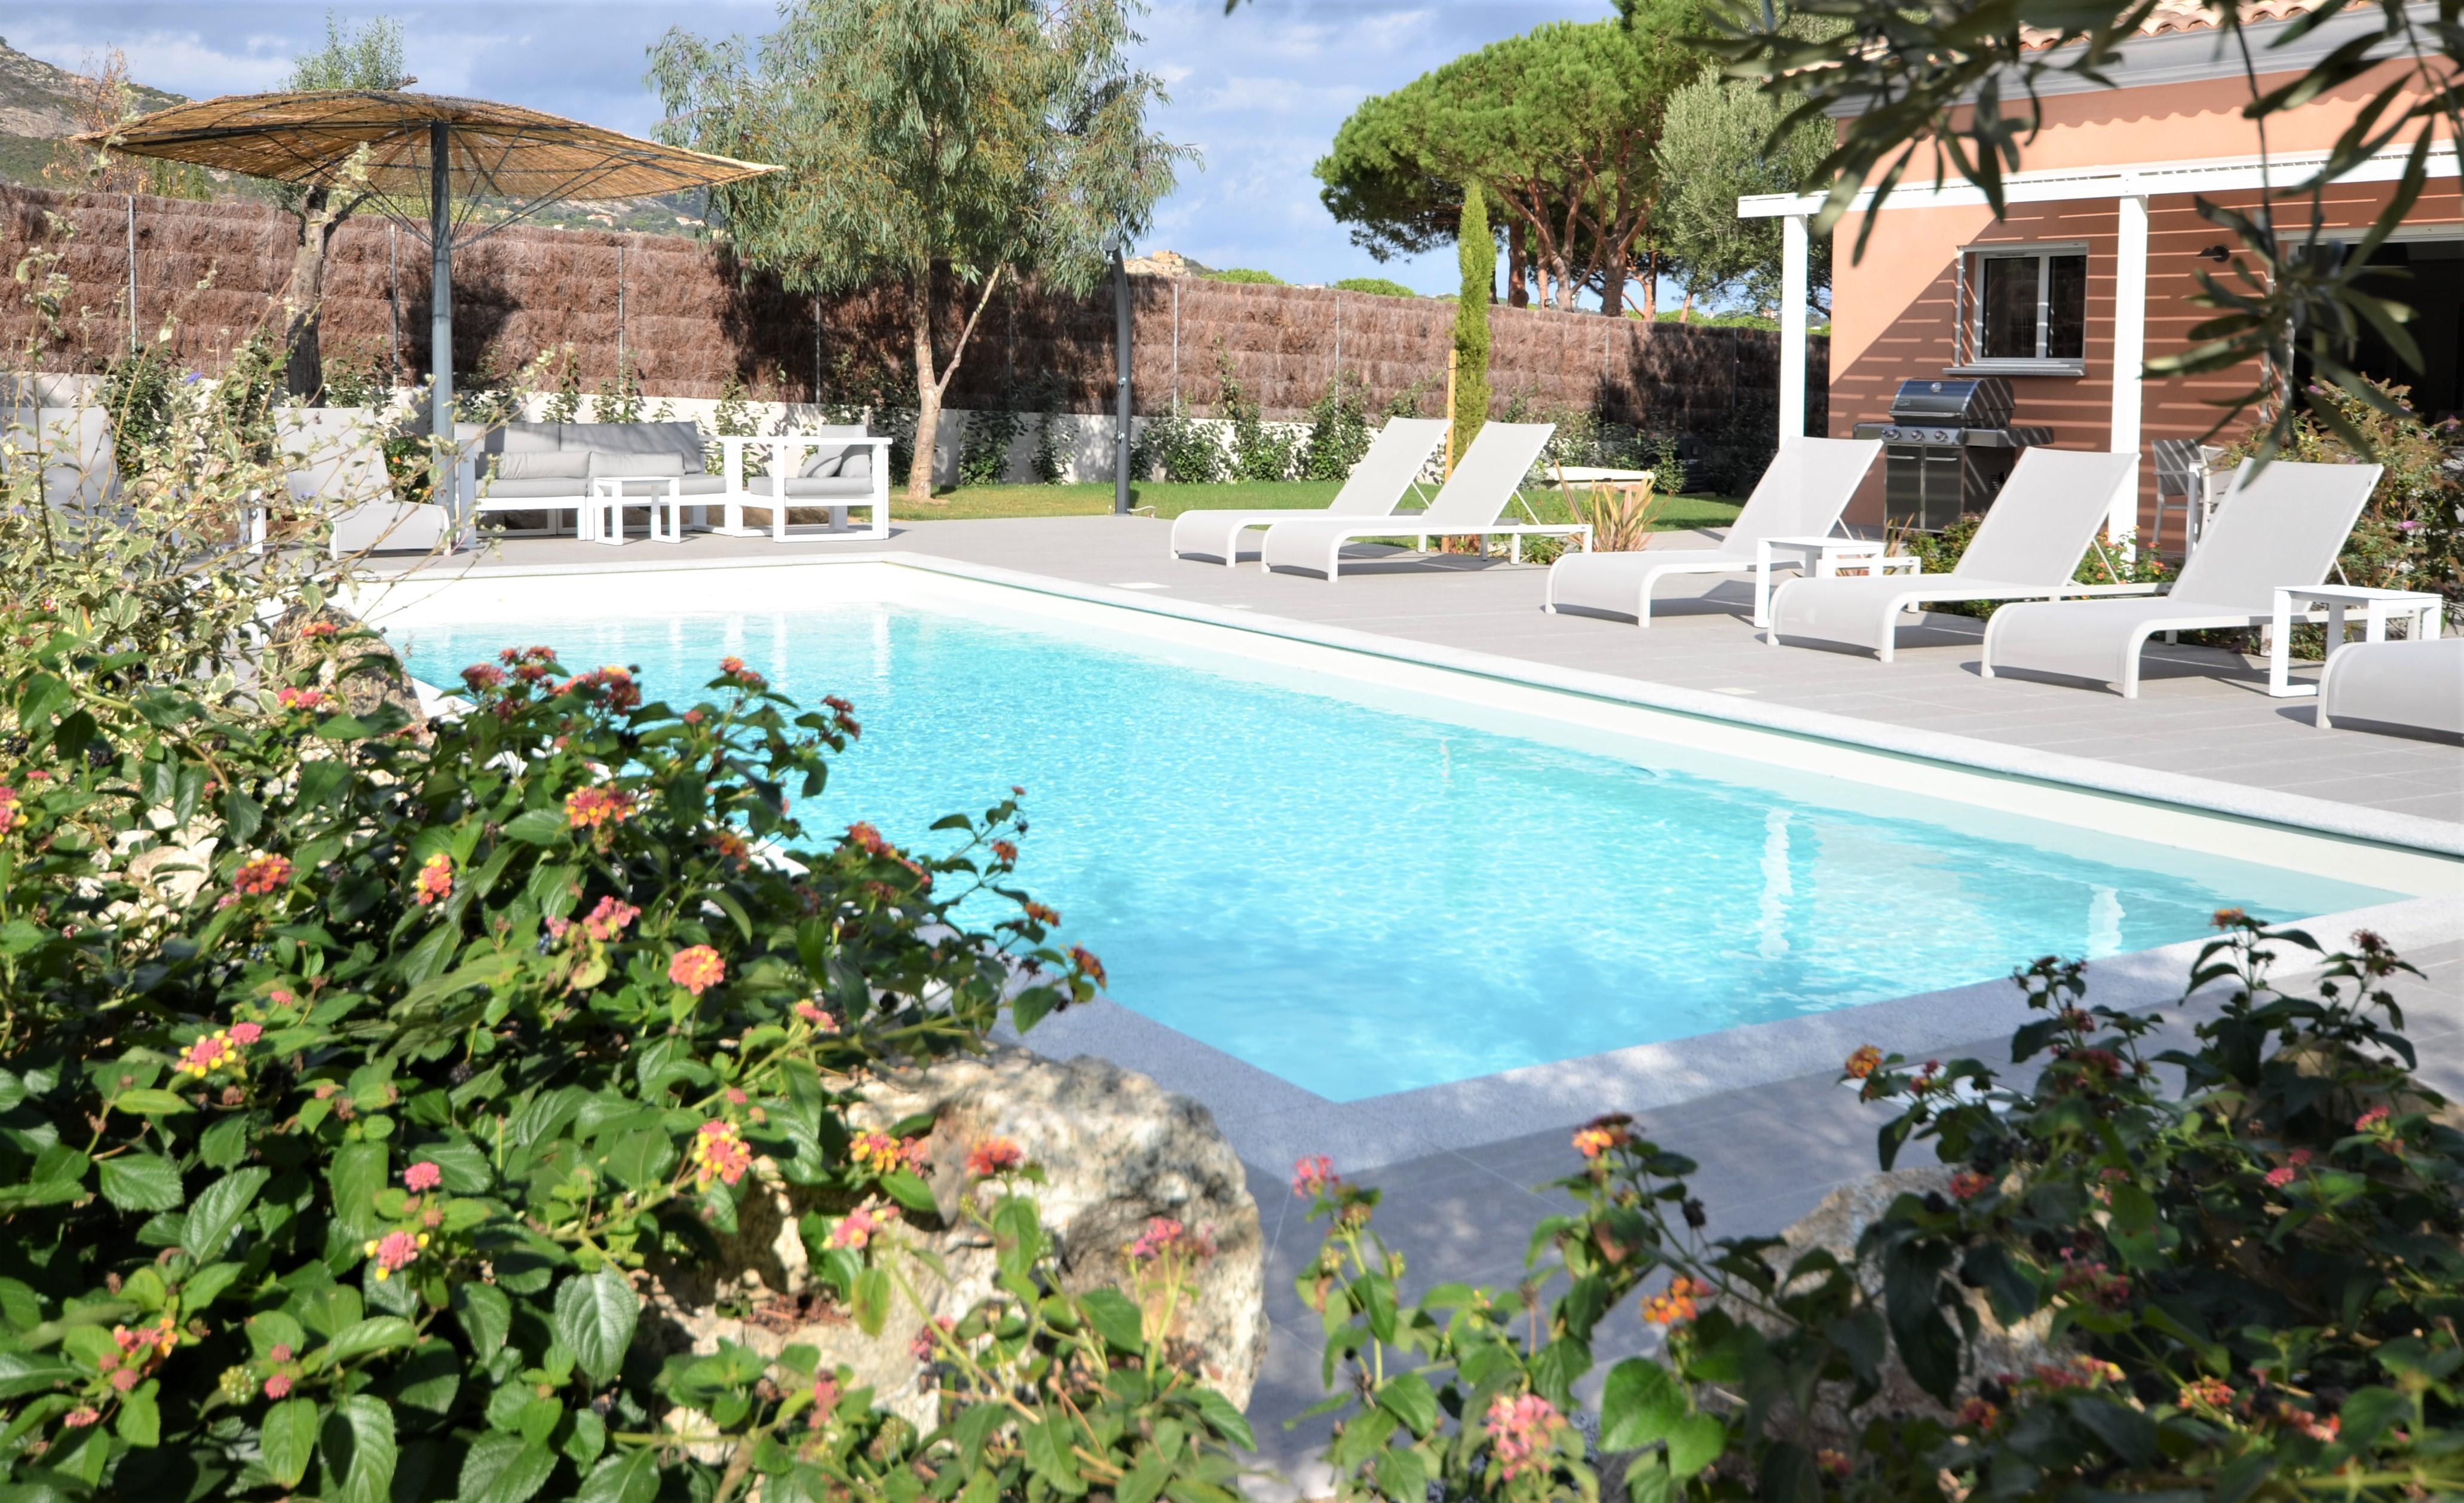 Maison de vacances a louer avec piscine privee ventana blog - Maison a louer vacances avec piscine ...